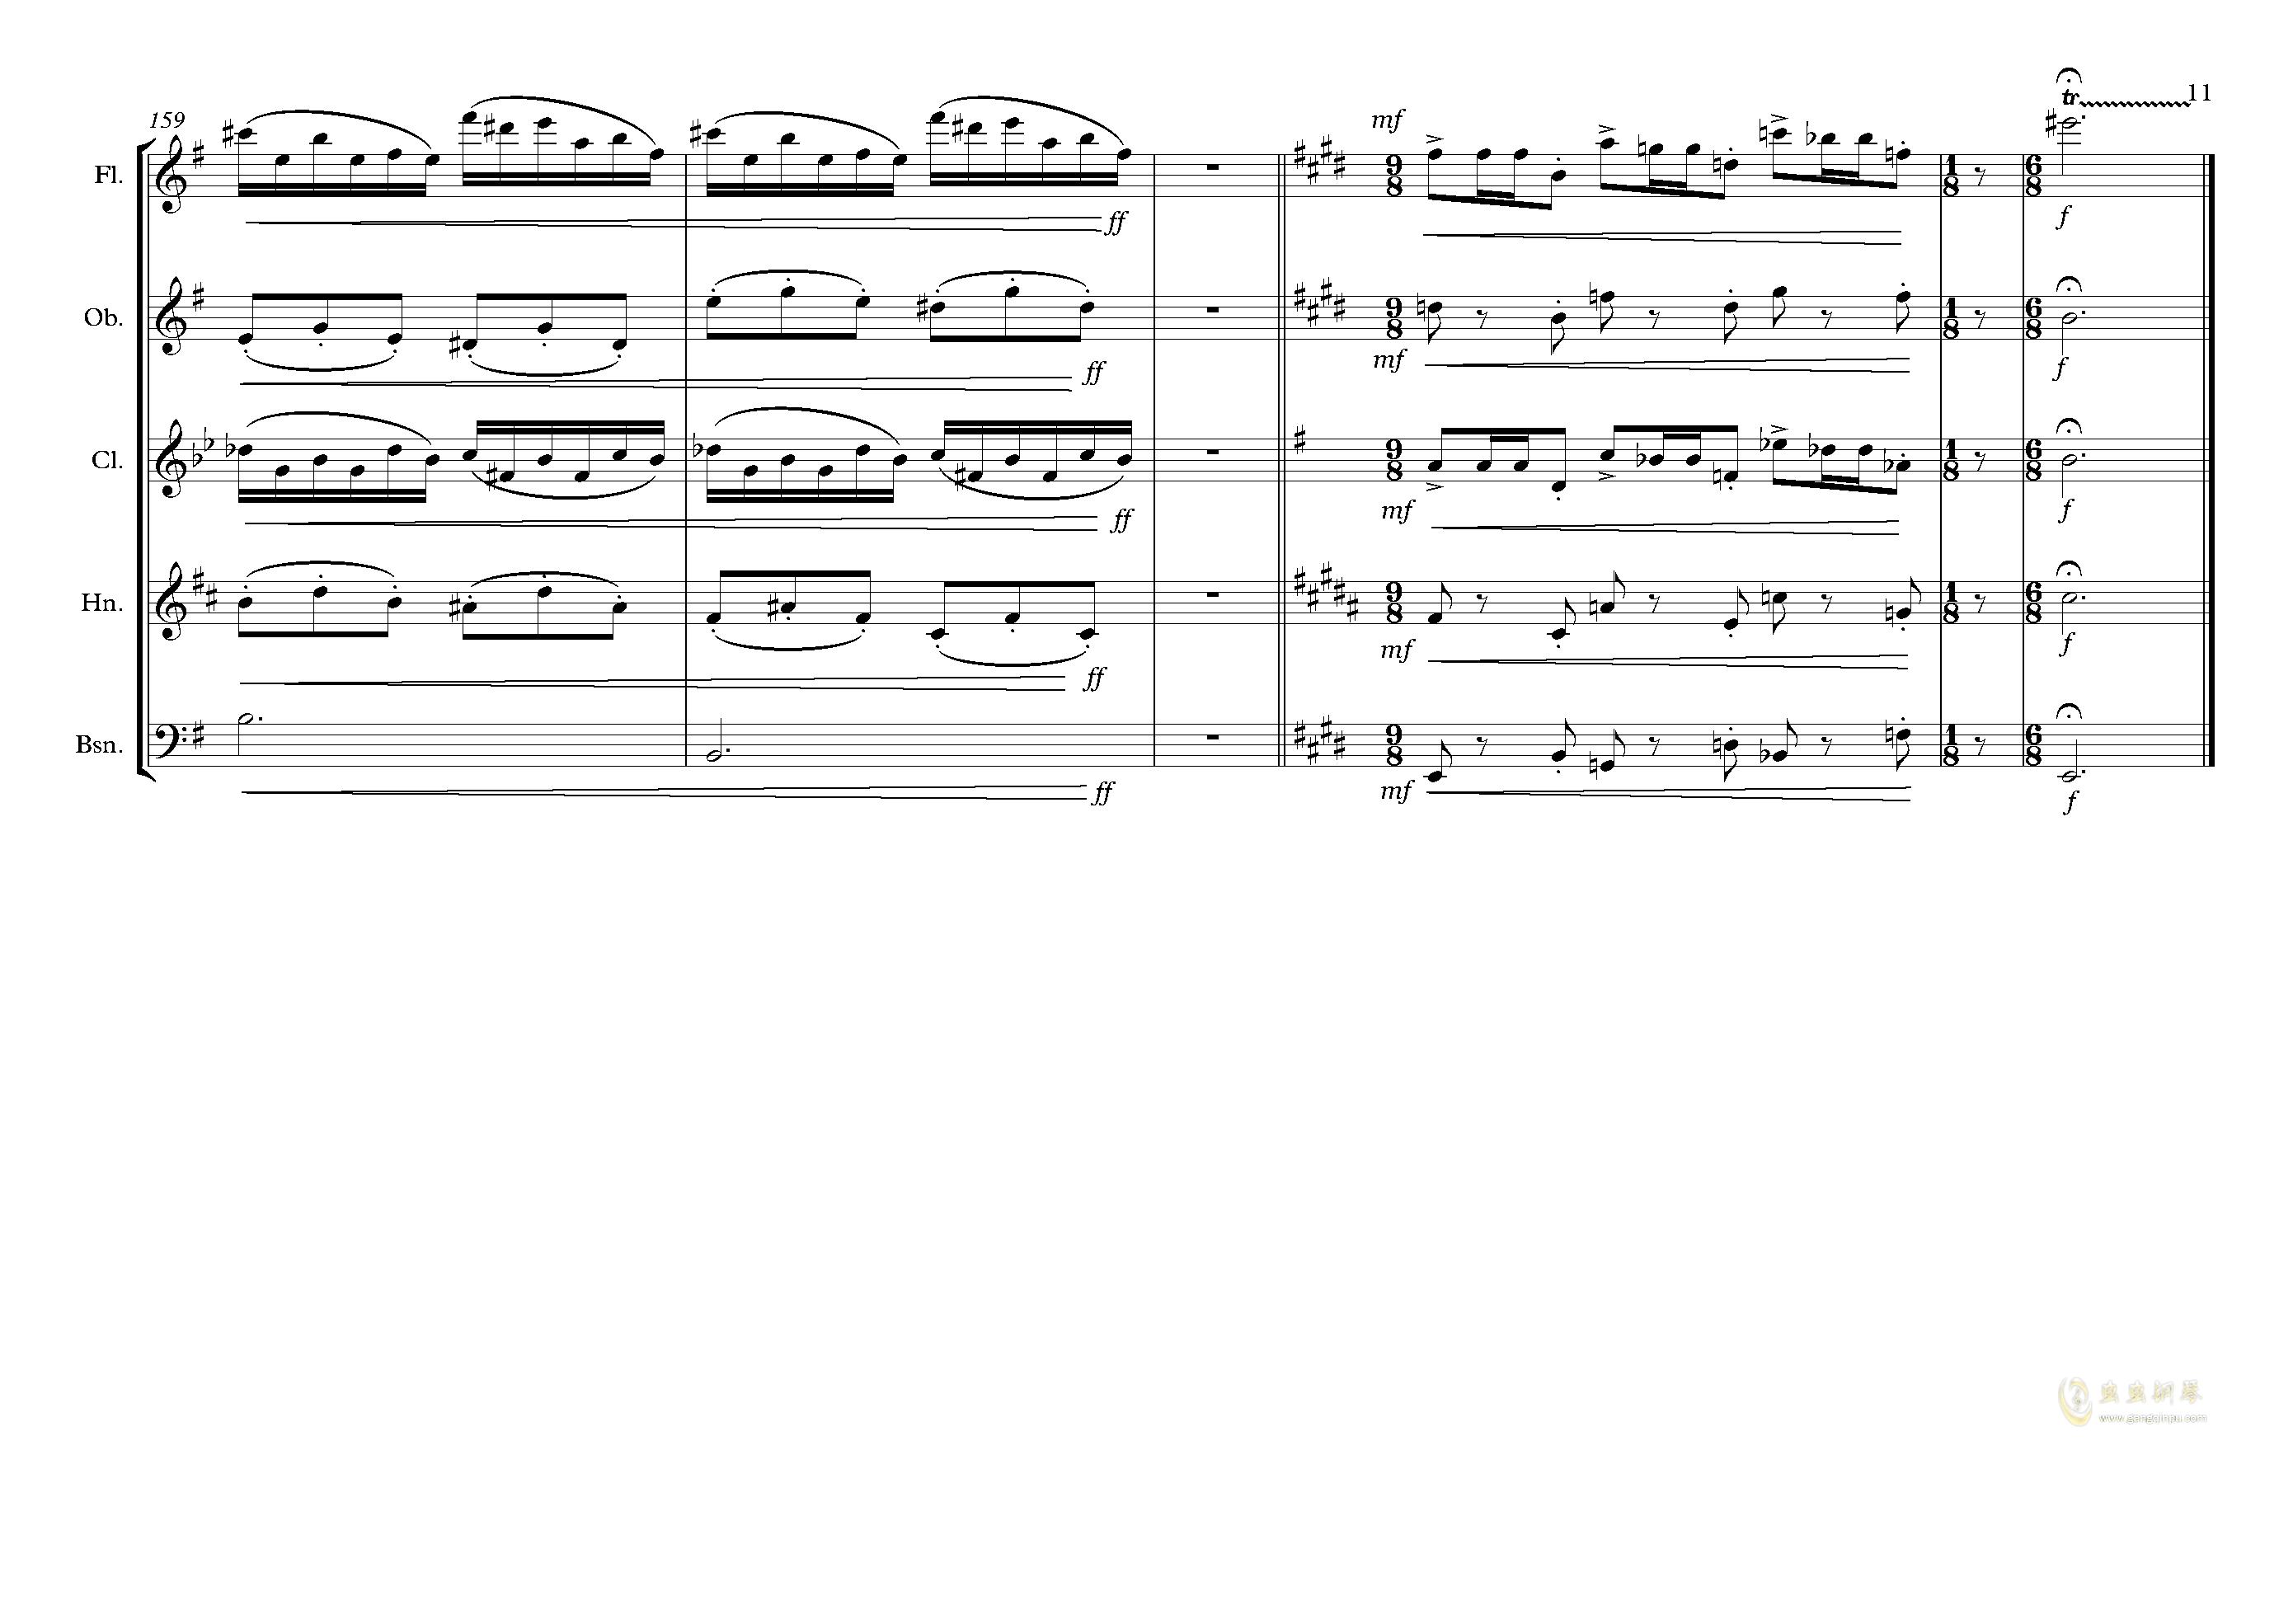 拉基钢琴谱 第11页